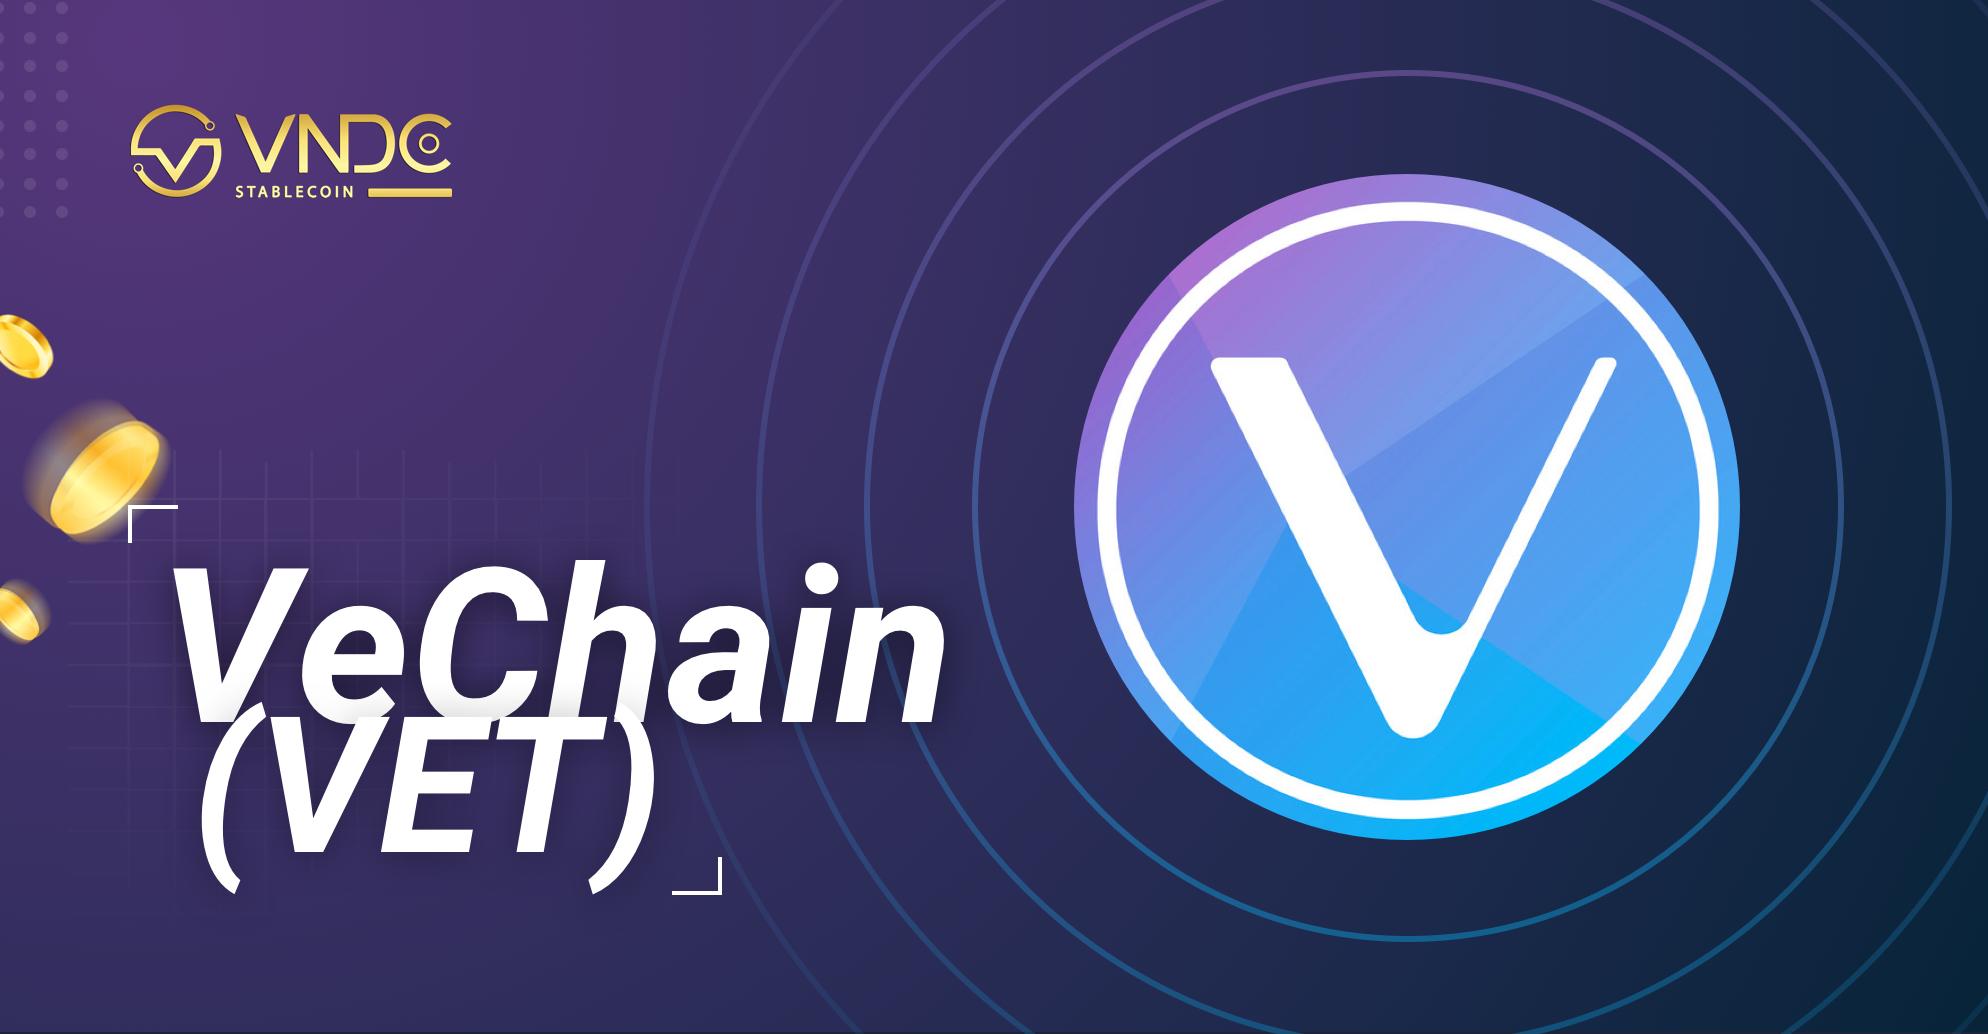 Những thông tin cơ bản về VeChain (VET)